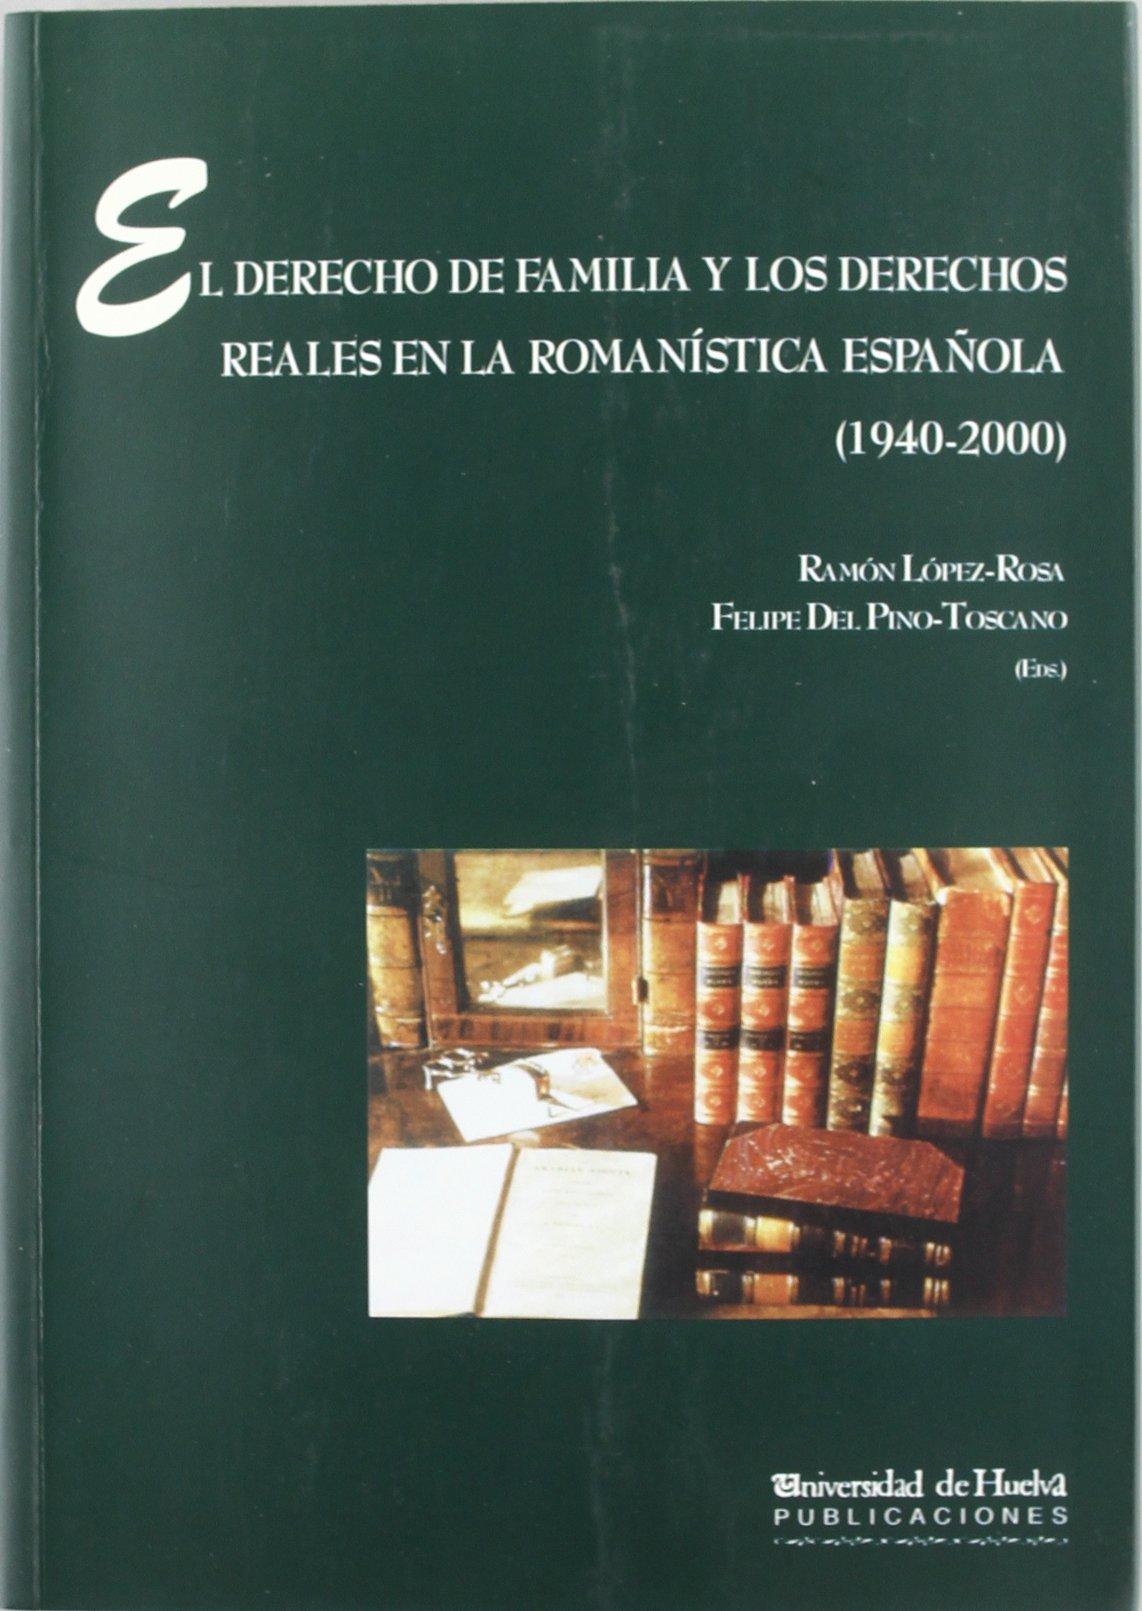 El derecho de familia y los derechos reales en la romanística española 1940-2000 Collectanea: Amazon.es: del Pino Toscano, Felipe, López Rosa, Ramón: Libros